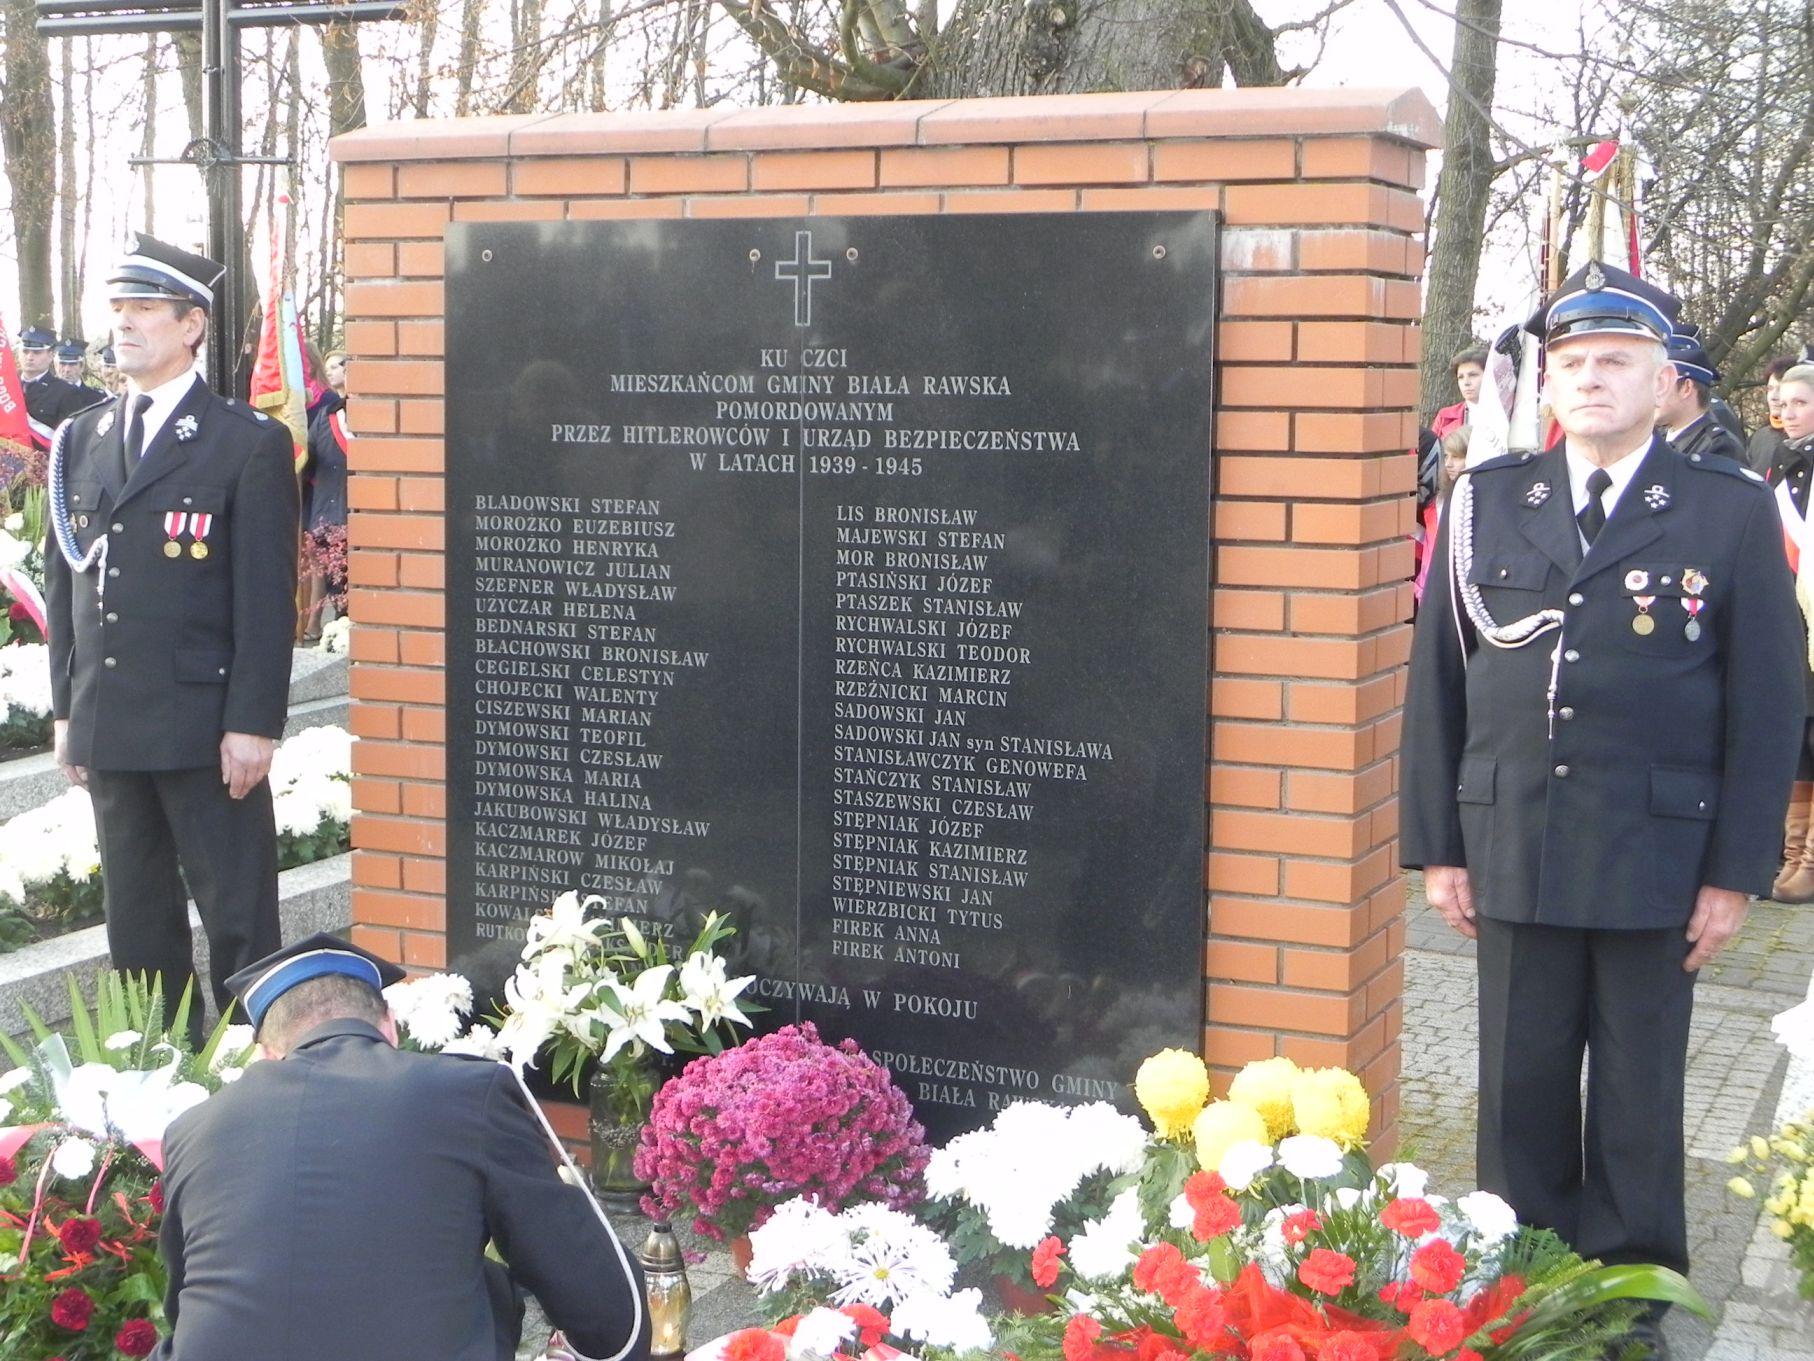 2013-11-11 Biała Rawska - 11 listopada (83)